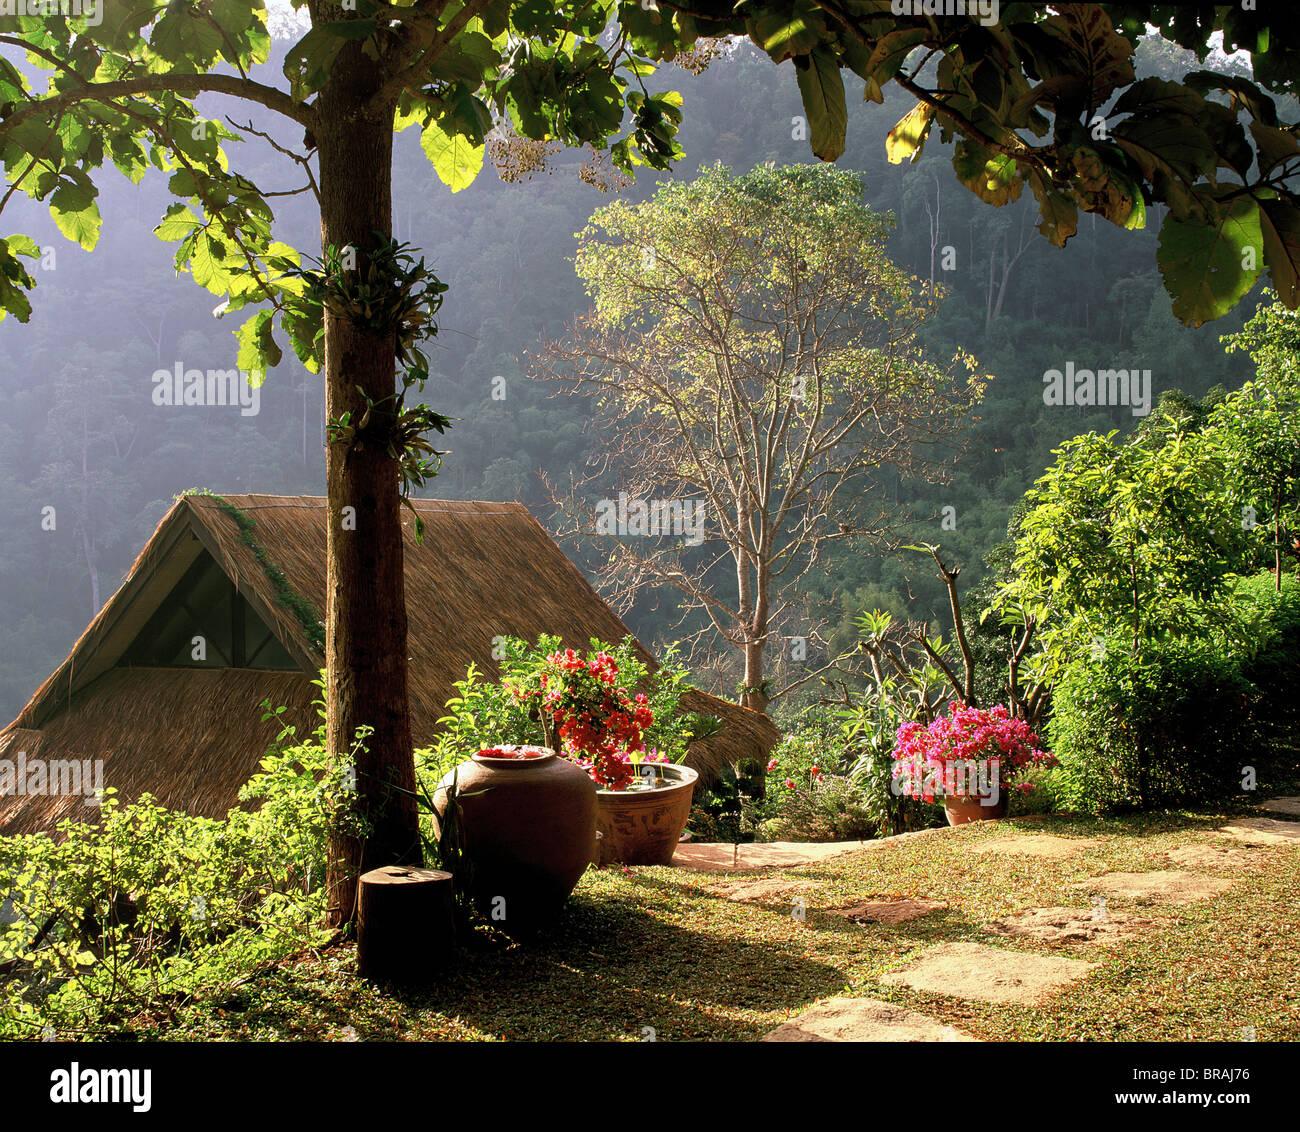 Friedliche Bergwelt, Chiang Mai, Thailand, Südostasien, Asien Stockbild